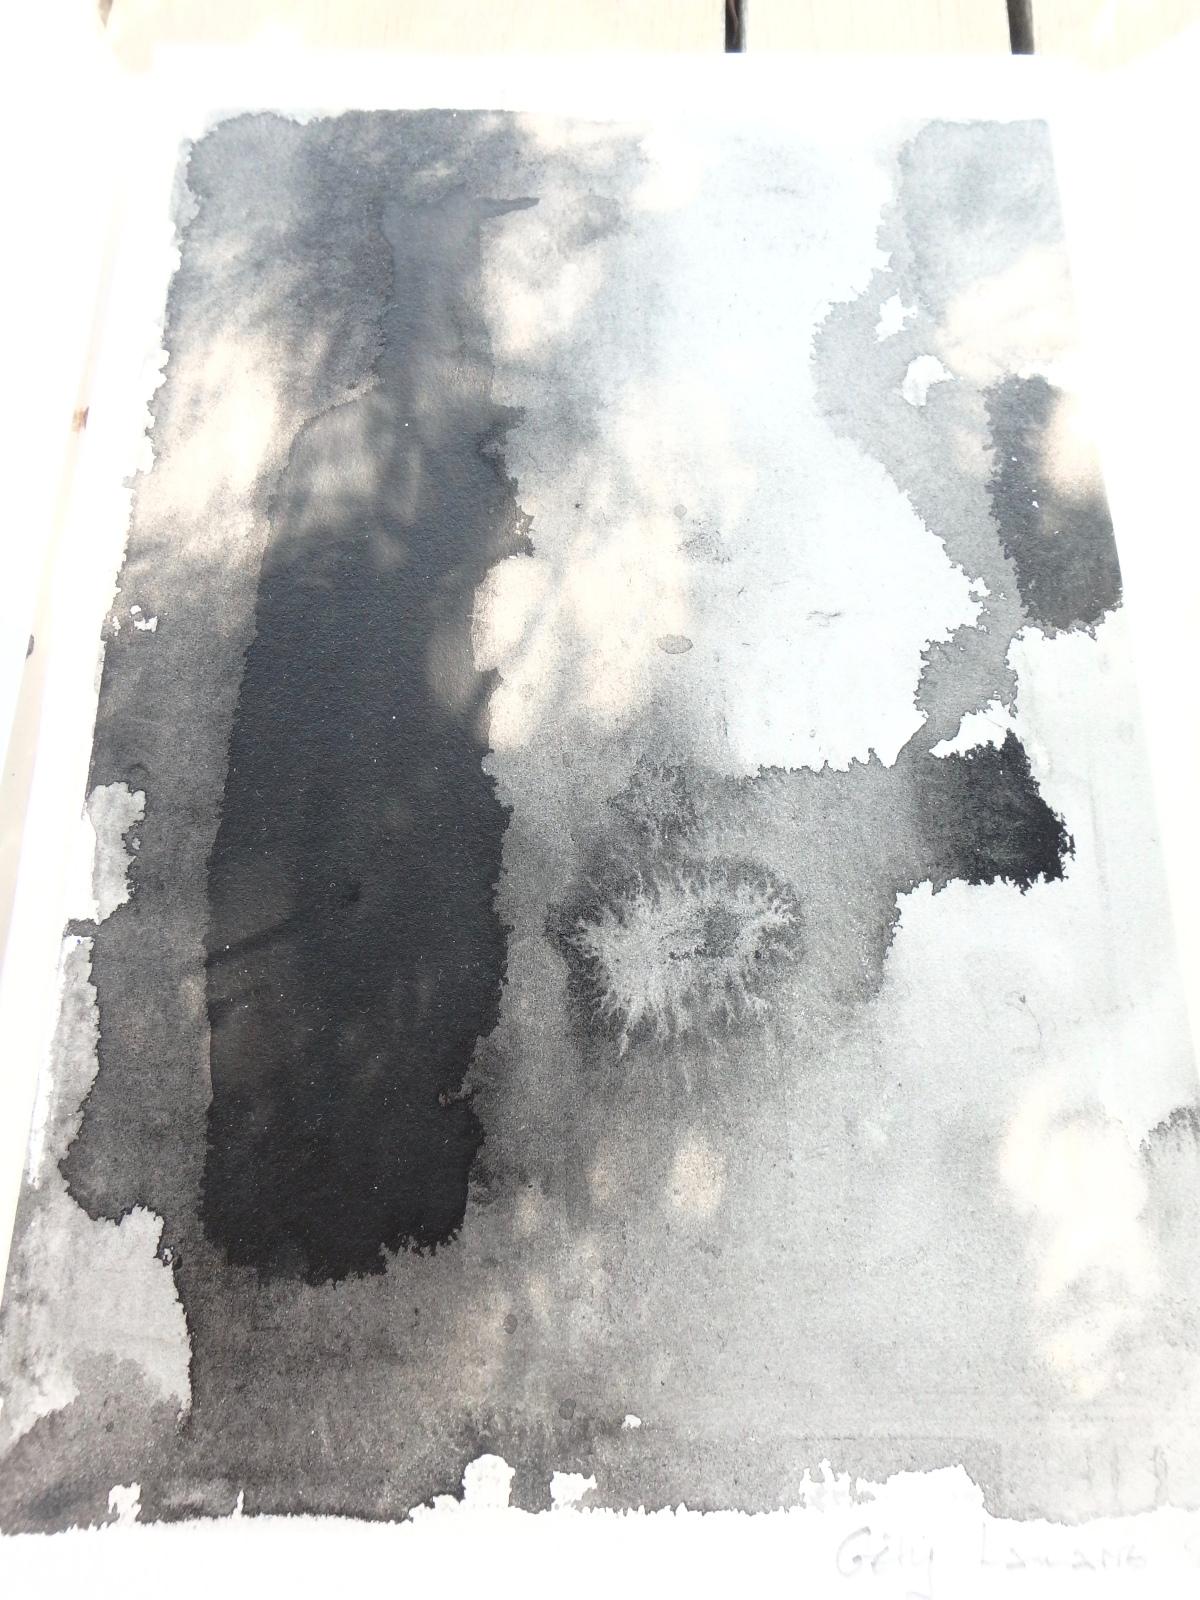 Géry Lamarre, Rivages de la nuit, poèmes et peintures, édition unique,2018